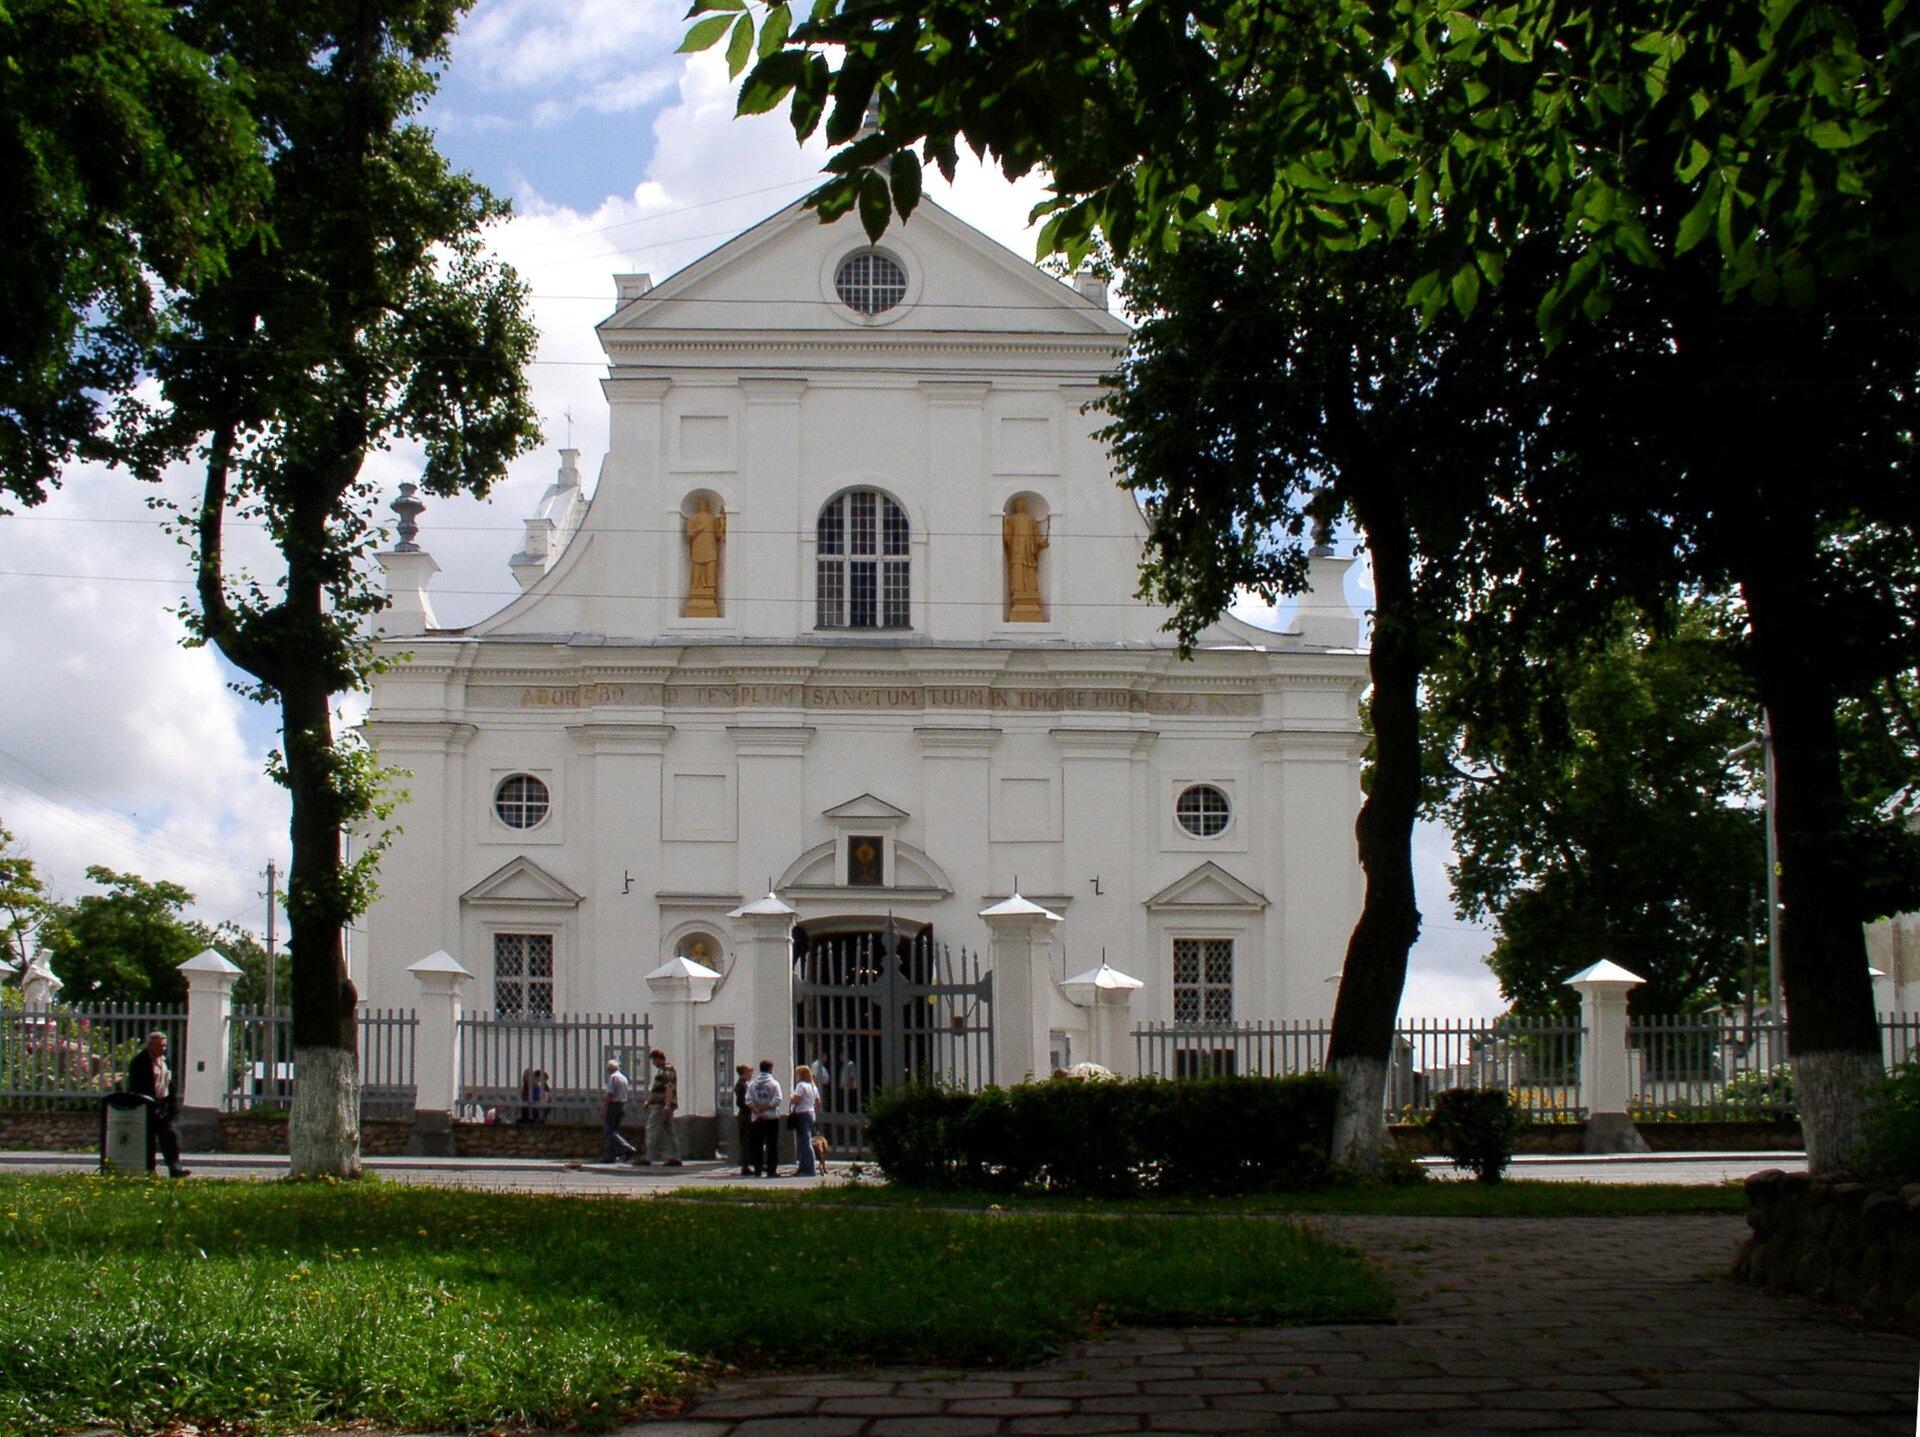 Kościół wNieświeżu Kościół wNieświeżu Źródło: Alex Zelenko, Wikimedia Commons, licencja: CC BY-SA 4.0.